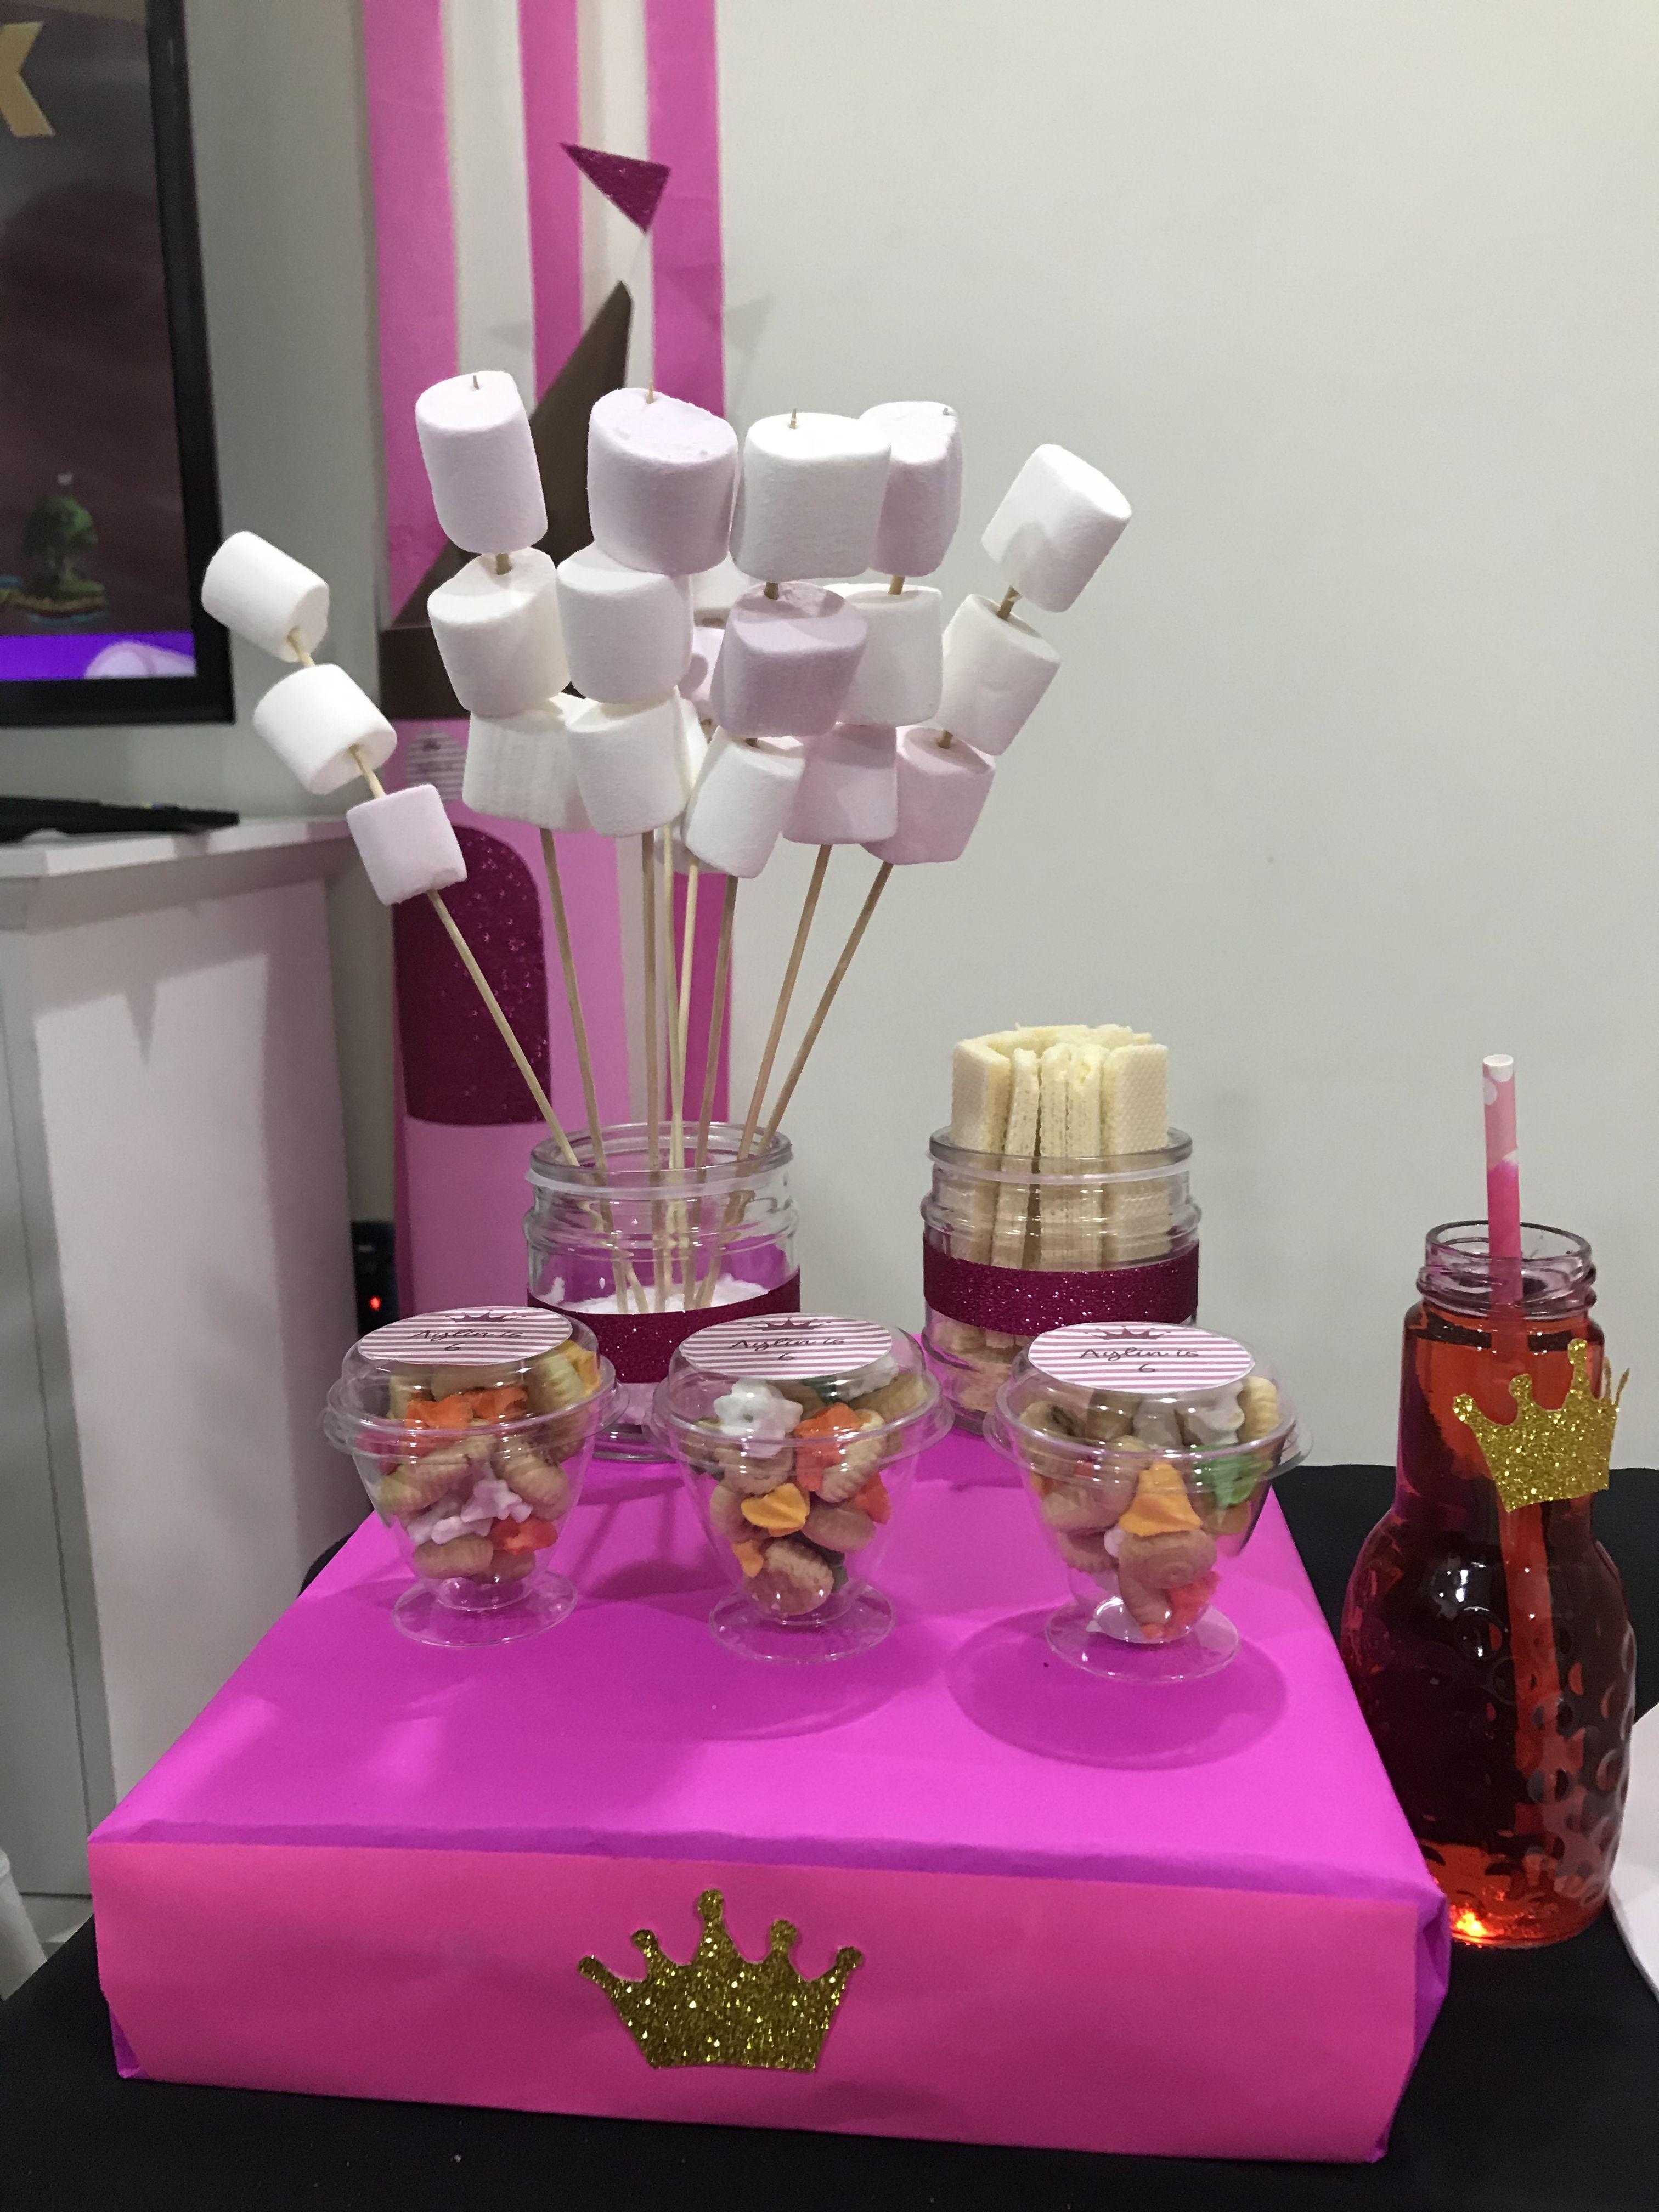 Pin By Aminath Axiefa On Princess Birthday Table Decorations Decor Princess Birthday